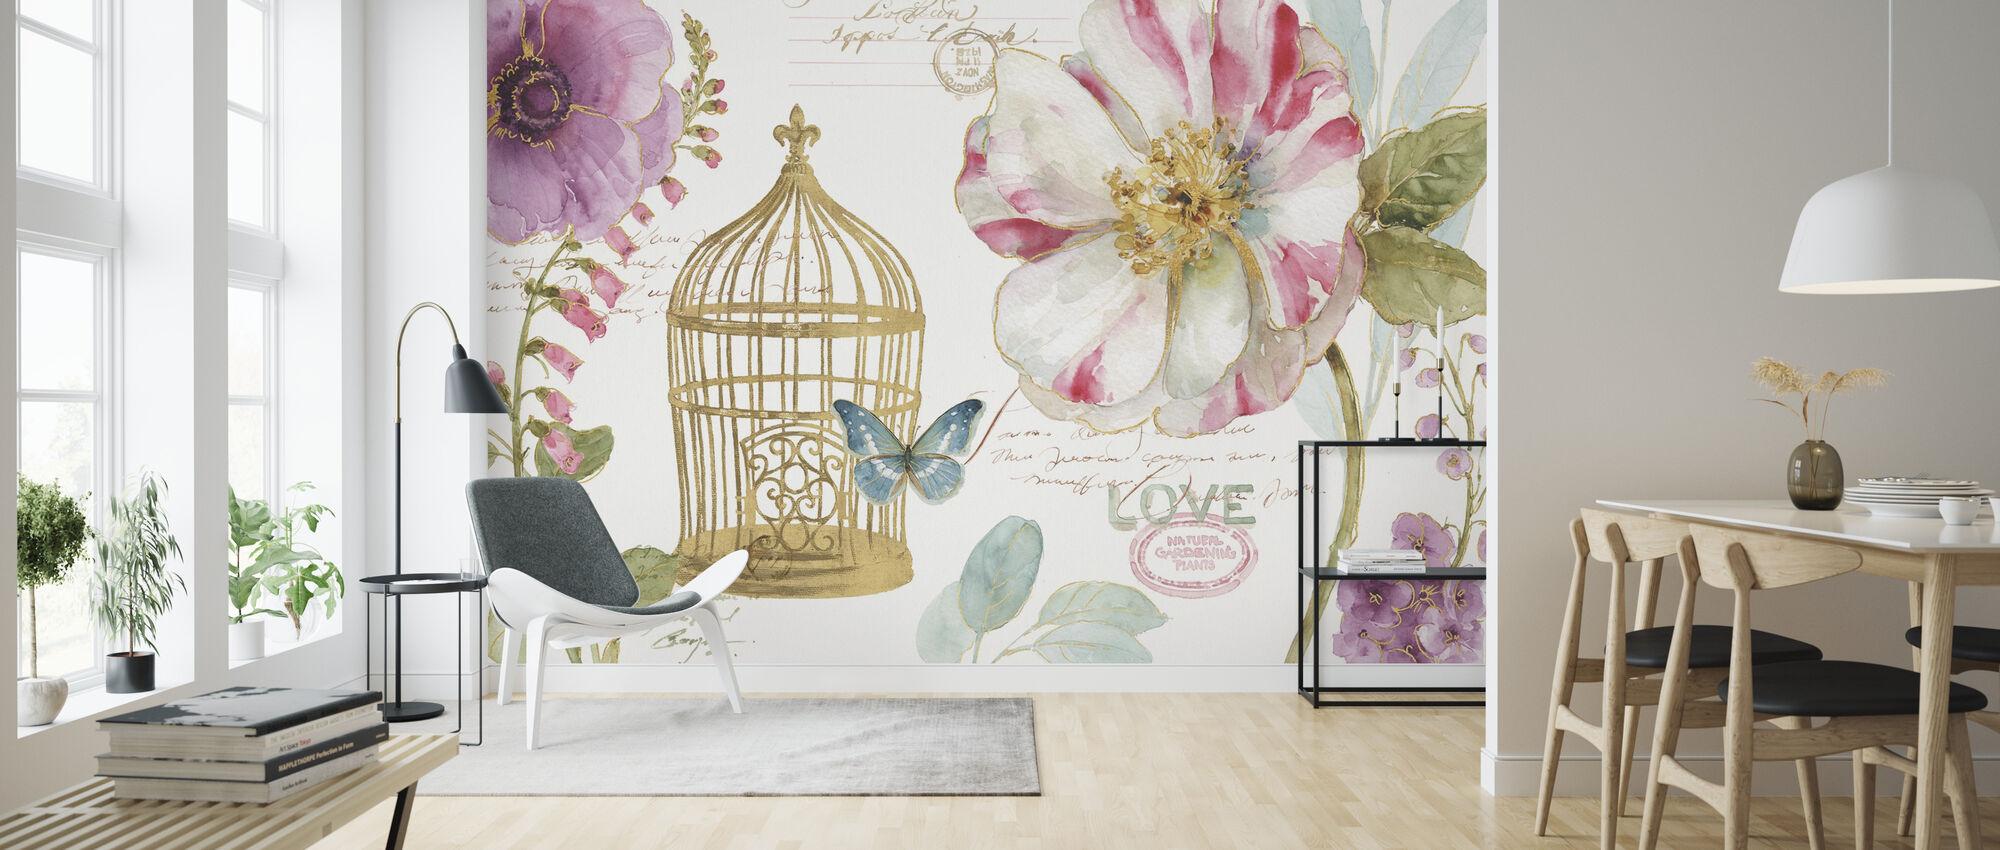 Rainbow Seeds Vogelkäfig - Tapete - Wohnzimmer